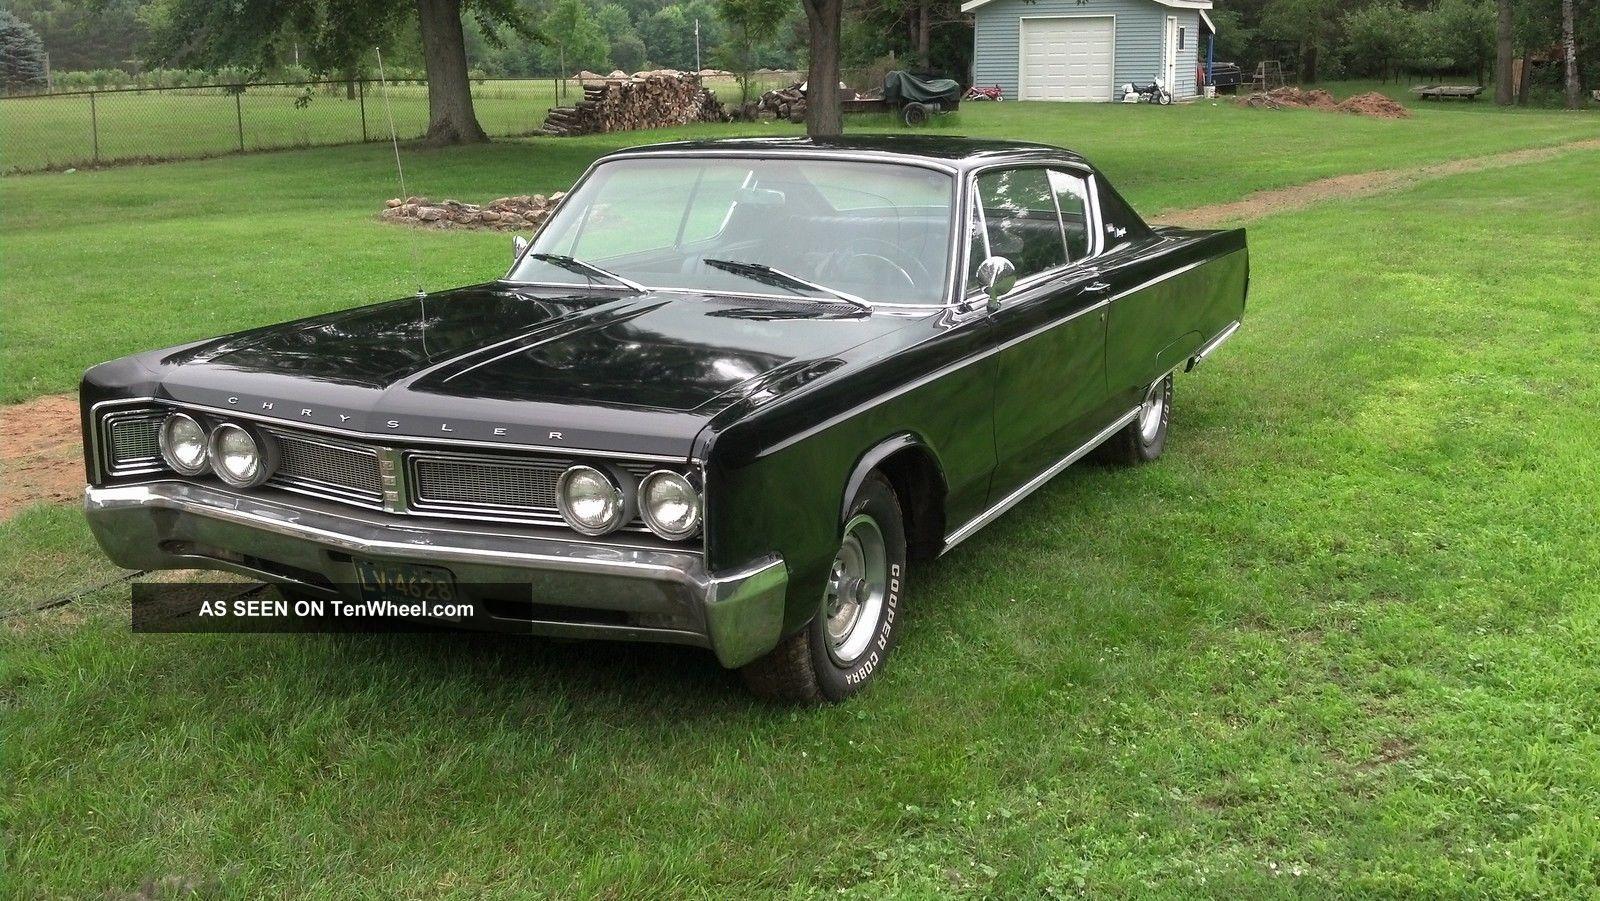 1967 Chrysler Newport 2 - Door Coupe Newport photo